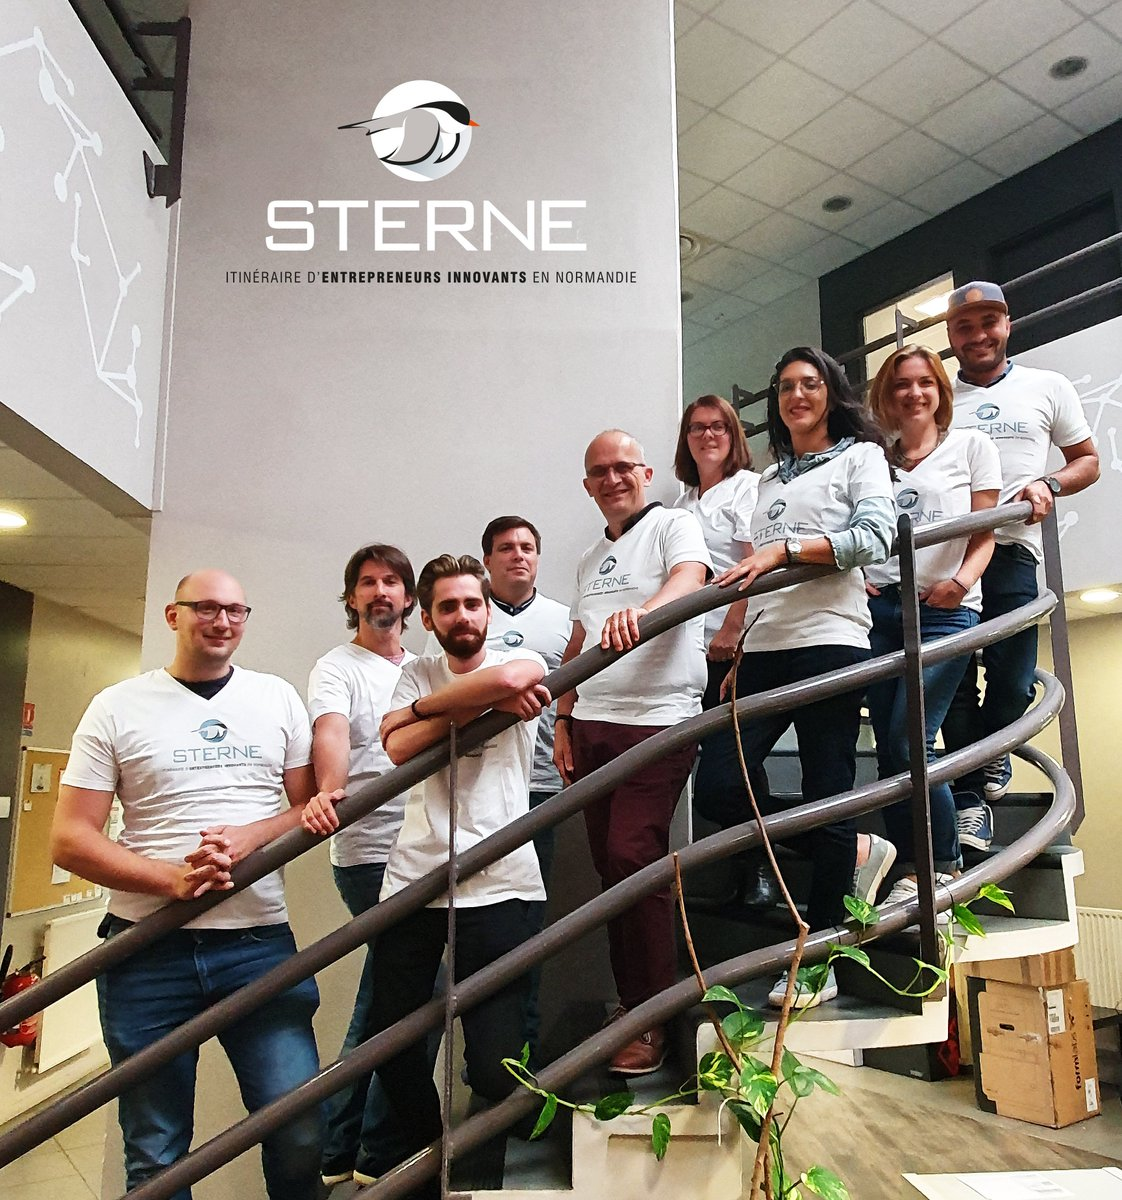 10 #Normands se lancent dans l'aventure entrepreneuriale ! Voici les visages de la 9e promo de @ItinerR_Sterne : ils ont…